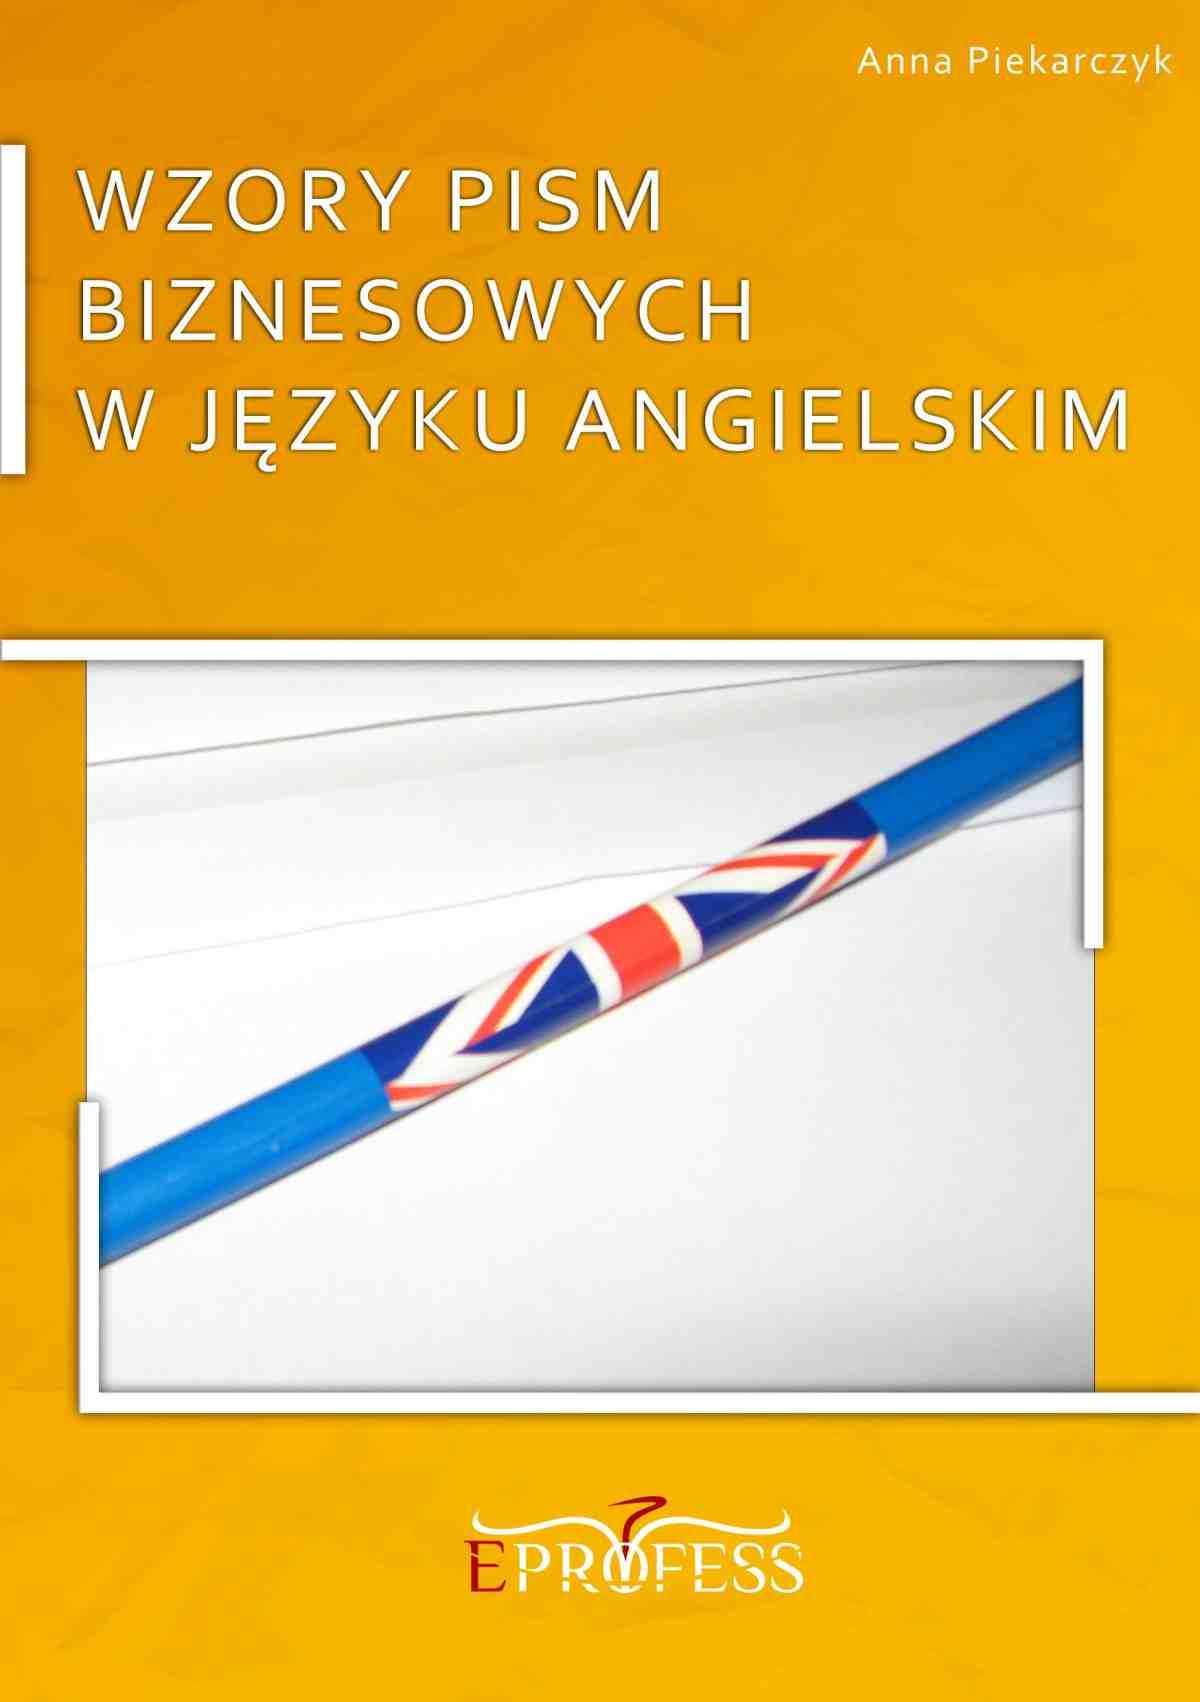 Wzory Pism Biznesowych w Języku Angielskim - Ebook (Książka na Kindle) do pobrania w formacie MOBI